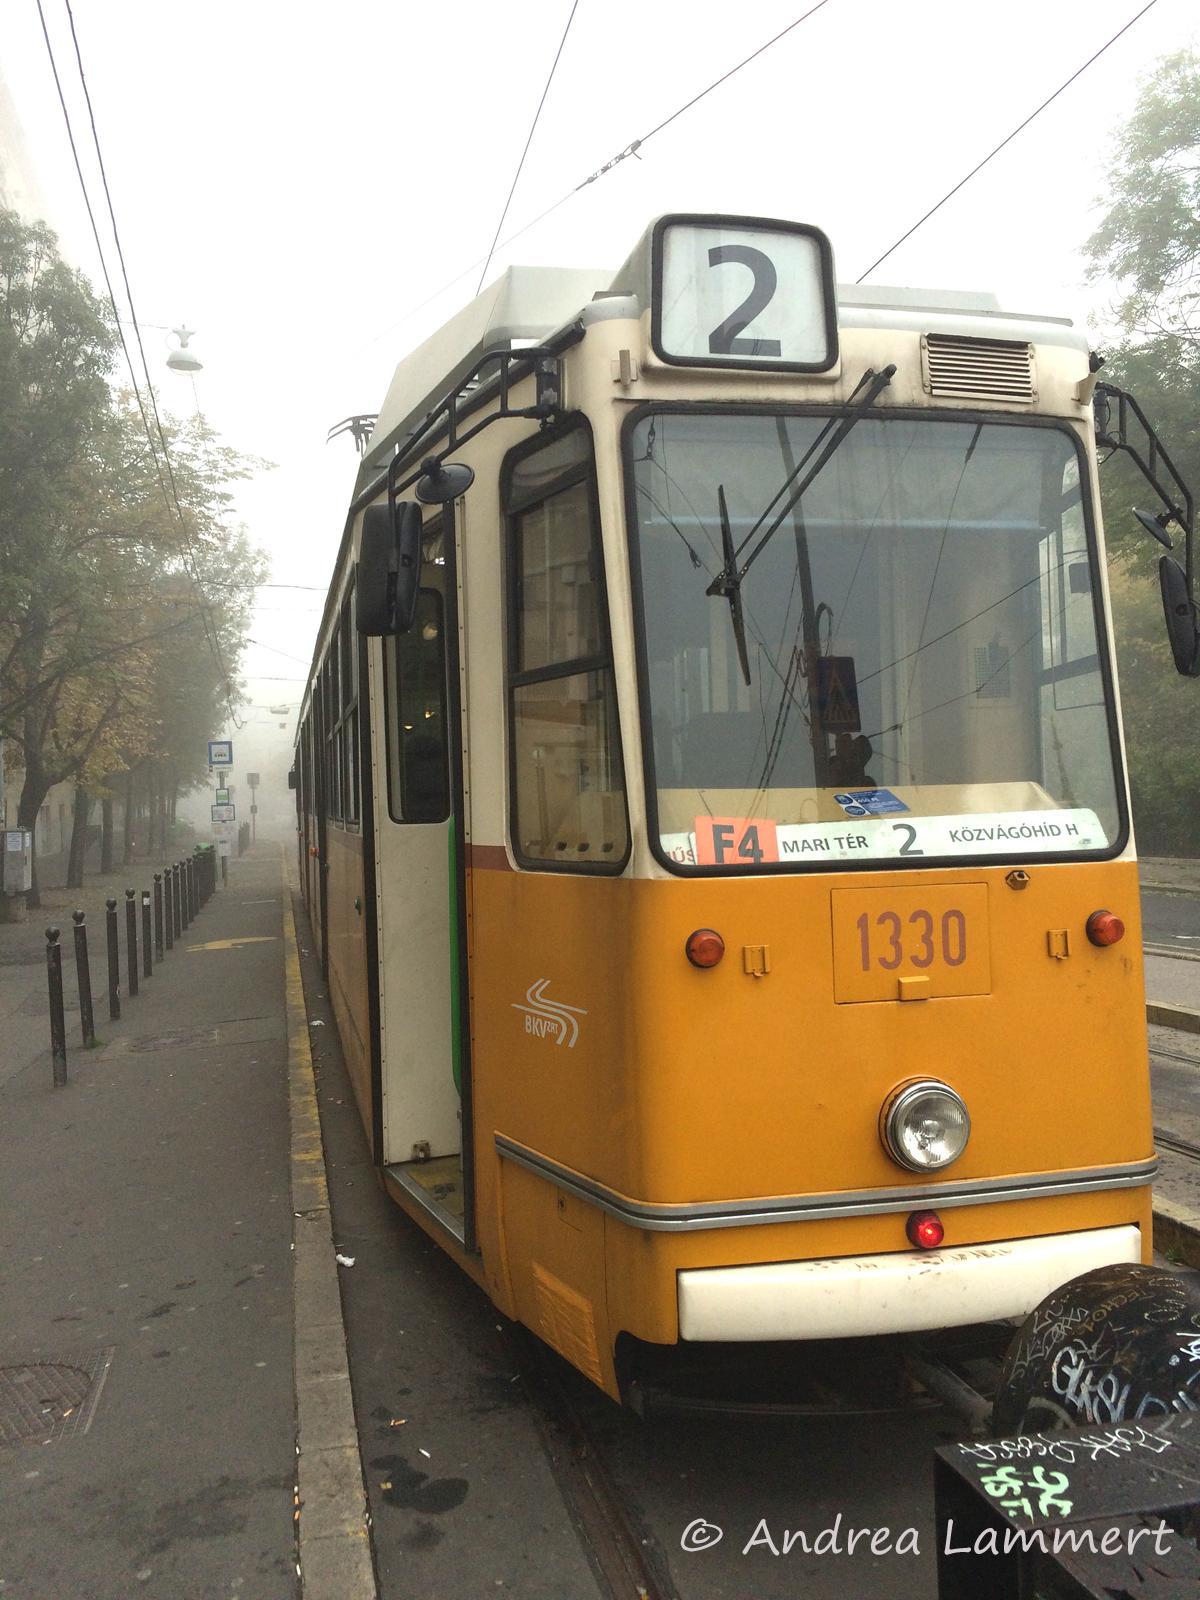 Budapest-Geheimtipps, Donau, Parlament, Straßenbahn